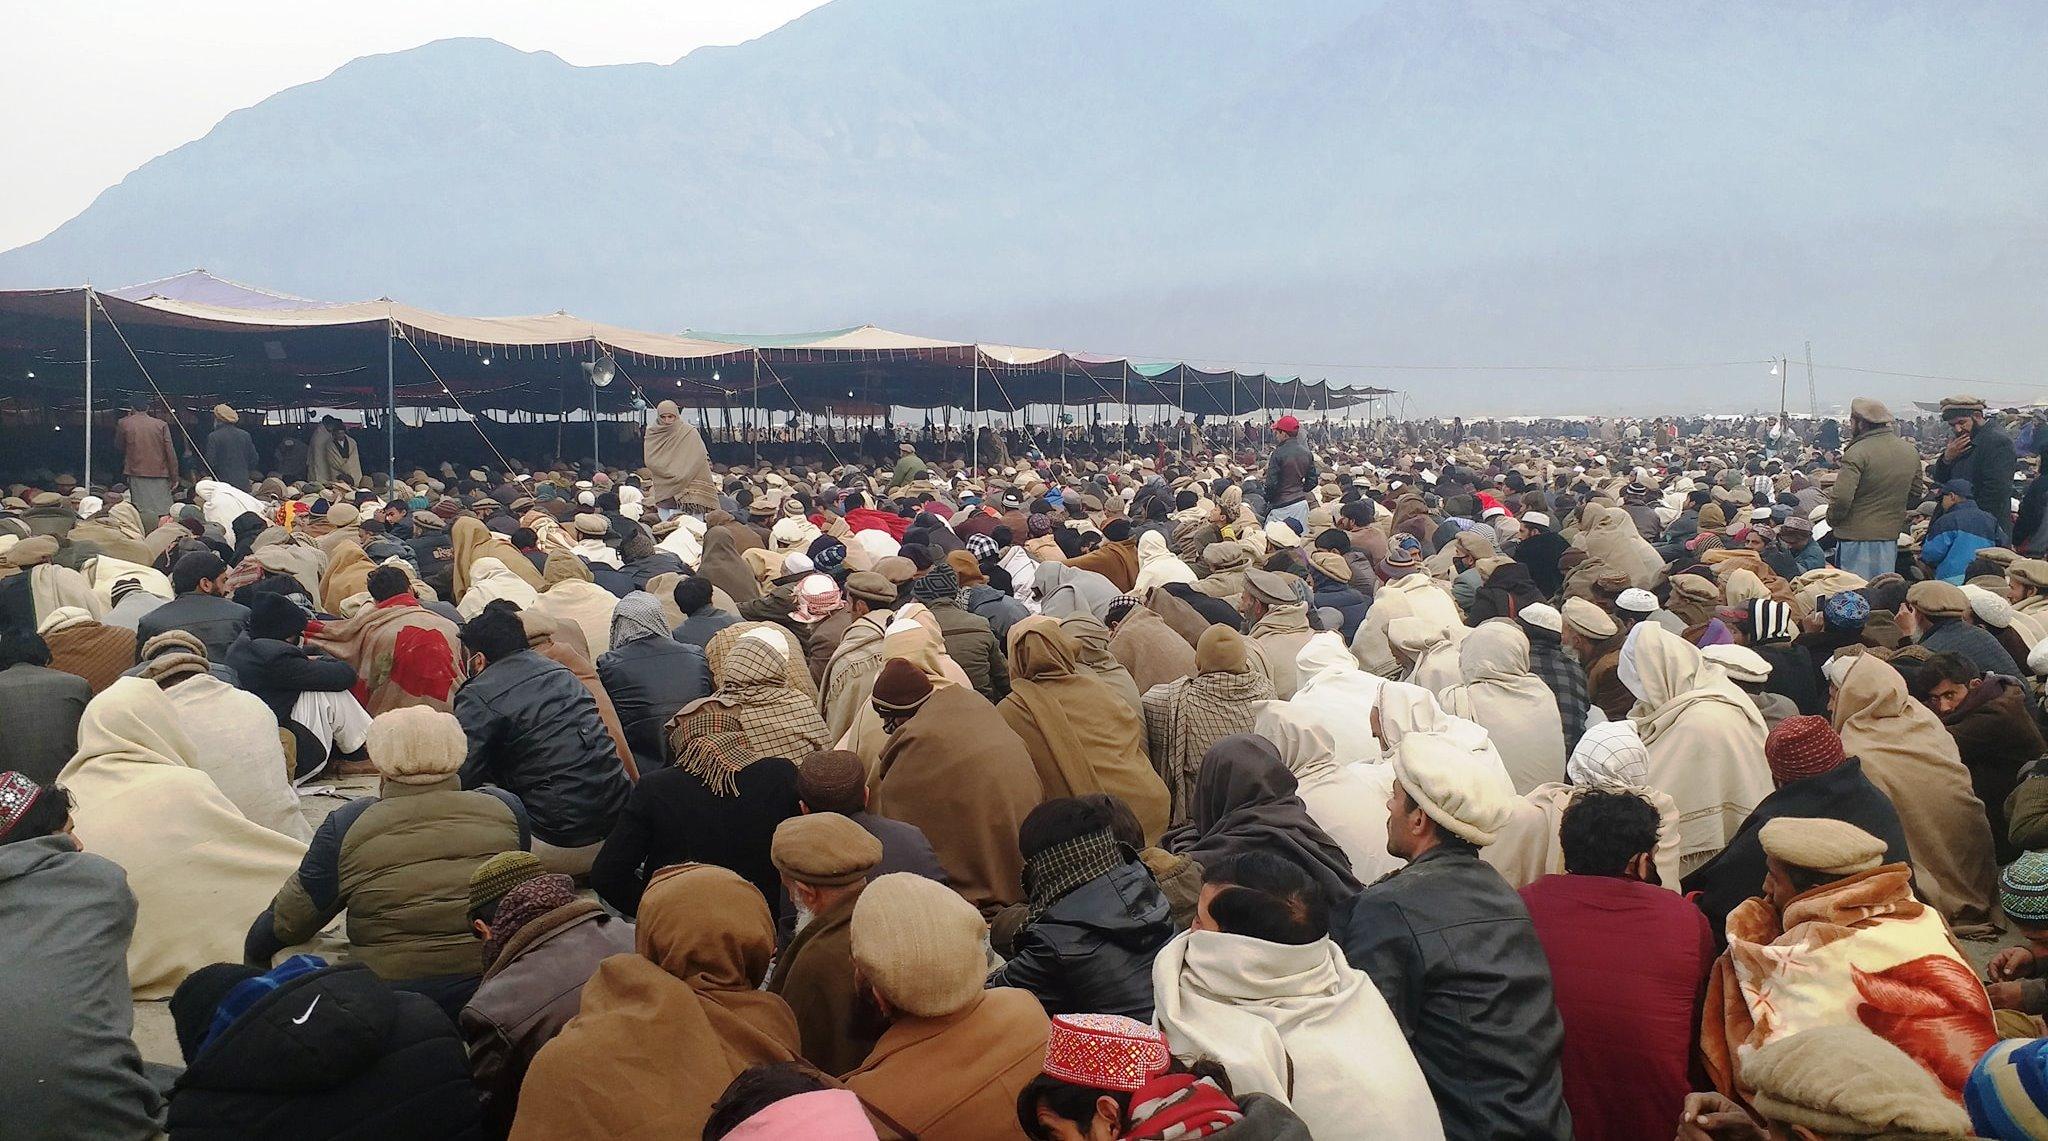 چلاس شہر میں جاری تین روز ہ تبلیغی اجتماع اجتماعی دعا کے ساتھ اختتام پذیر ہوا